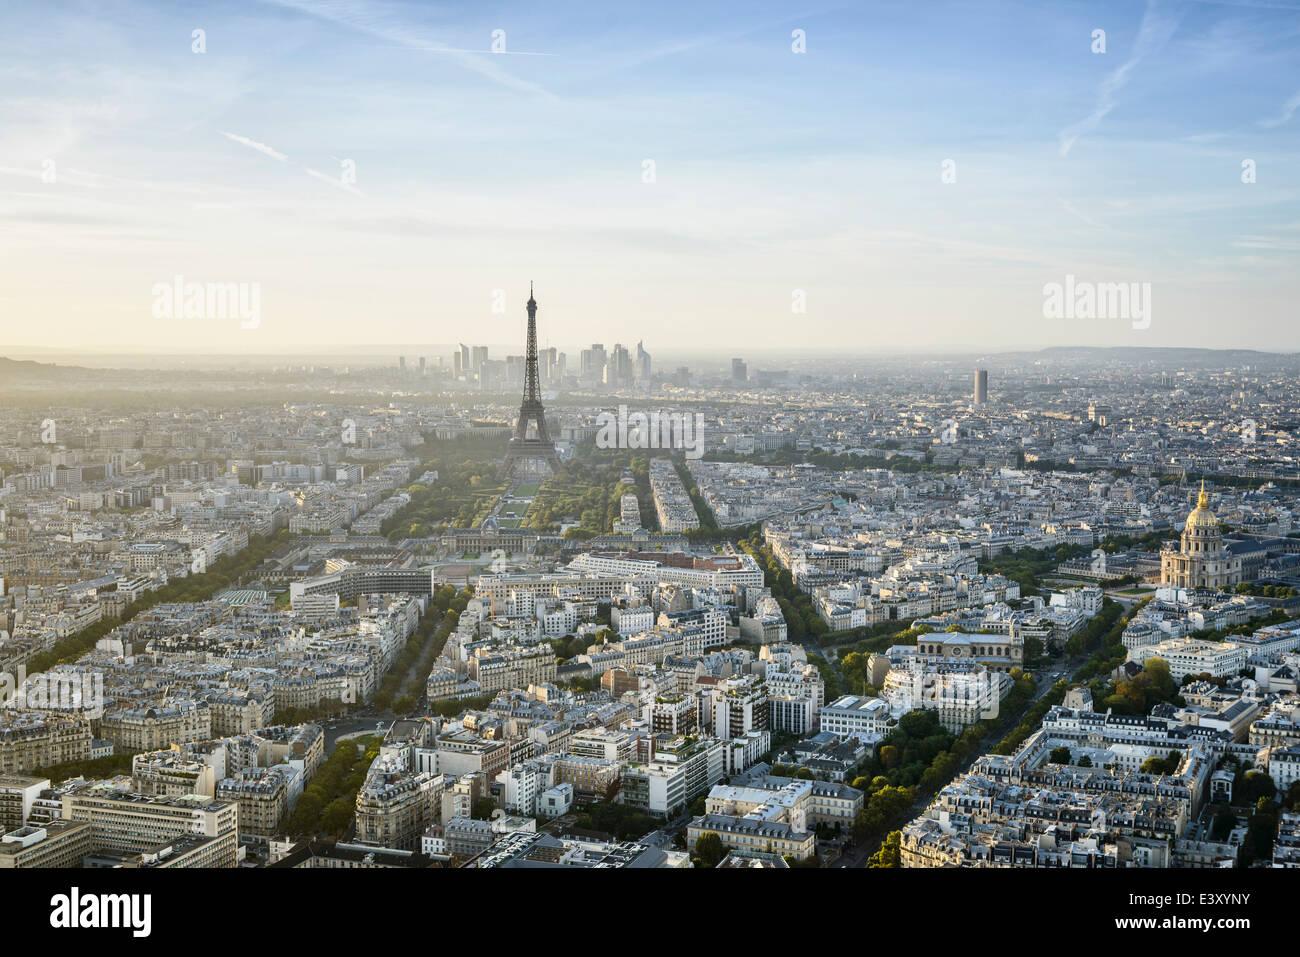 Vista aérea de la ciudad de París, París, Ile de France, Francia Imagen De Stock